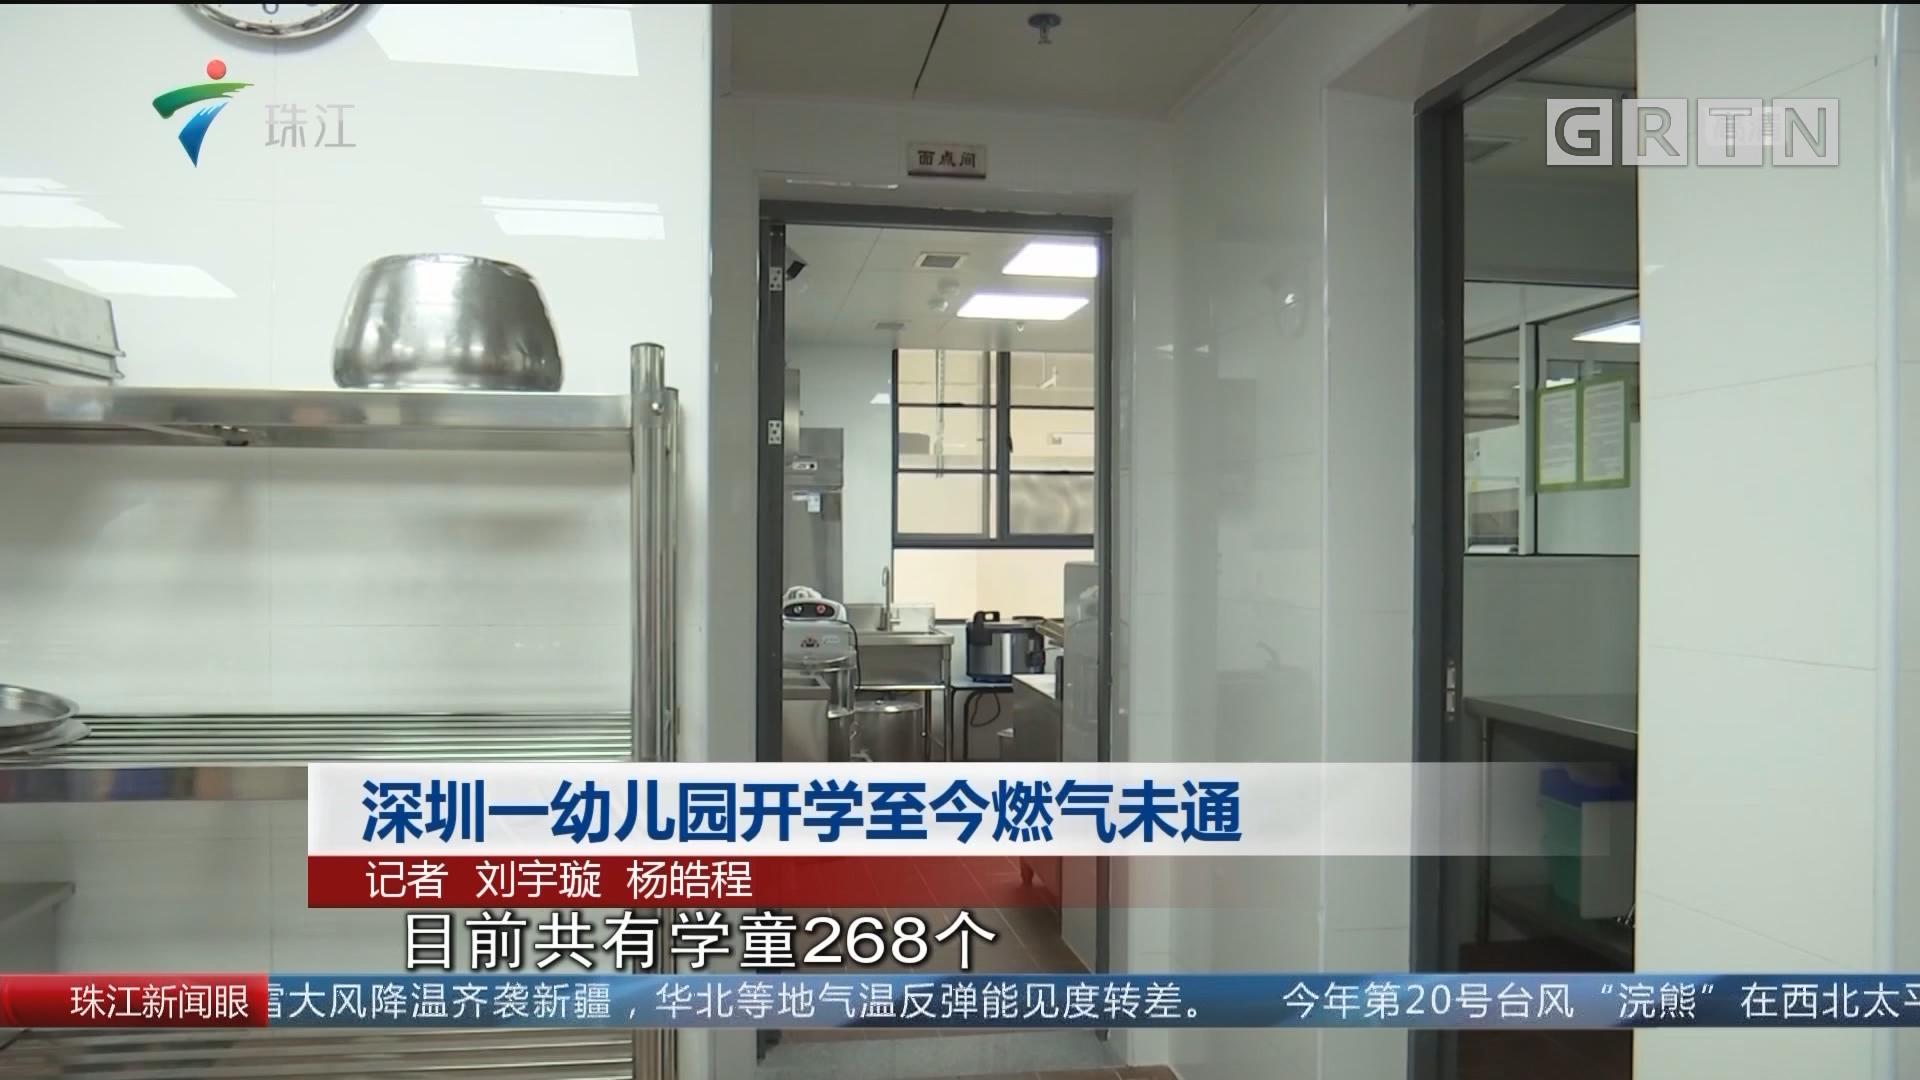 深圳一幼儿园开学至今燃气未通